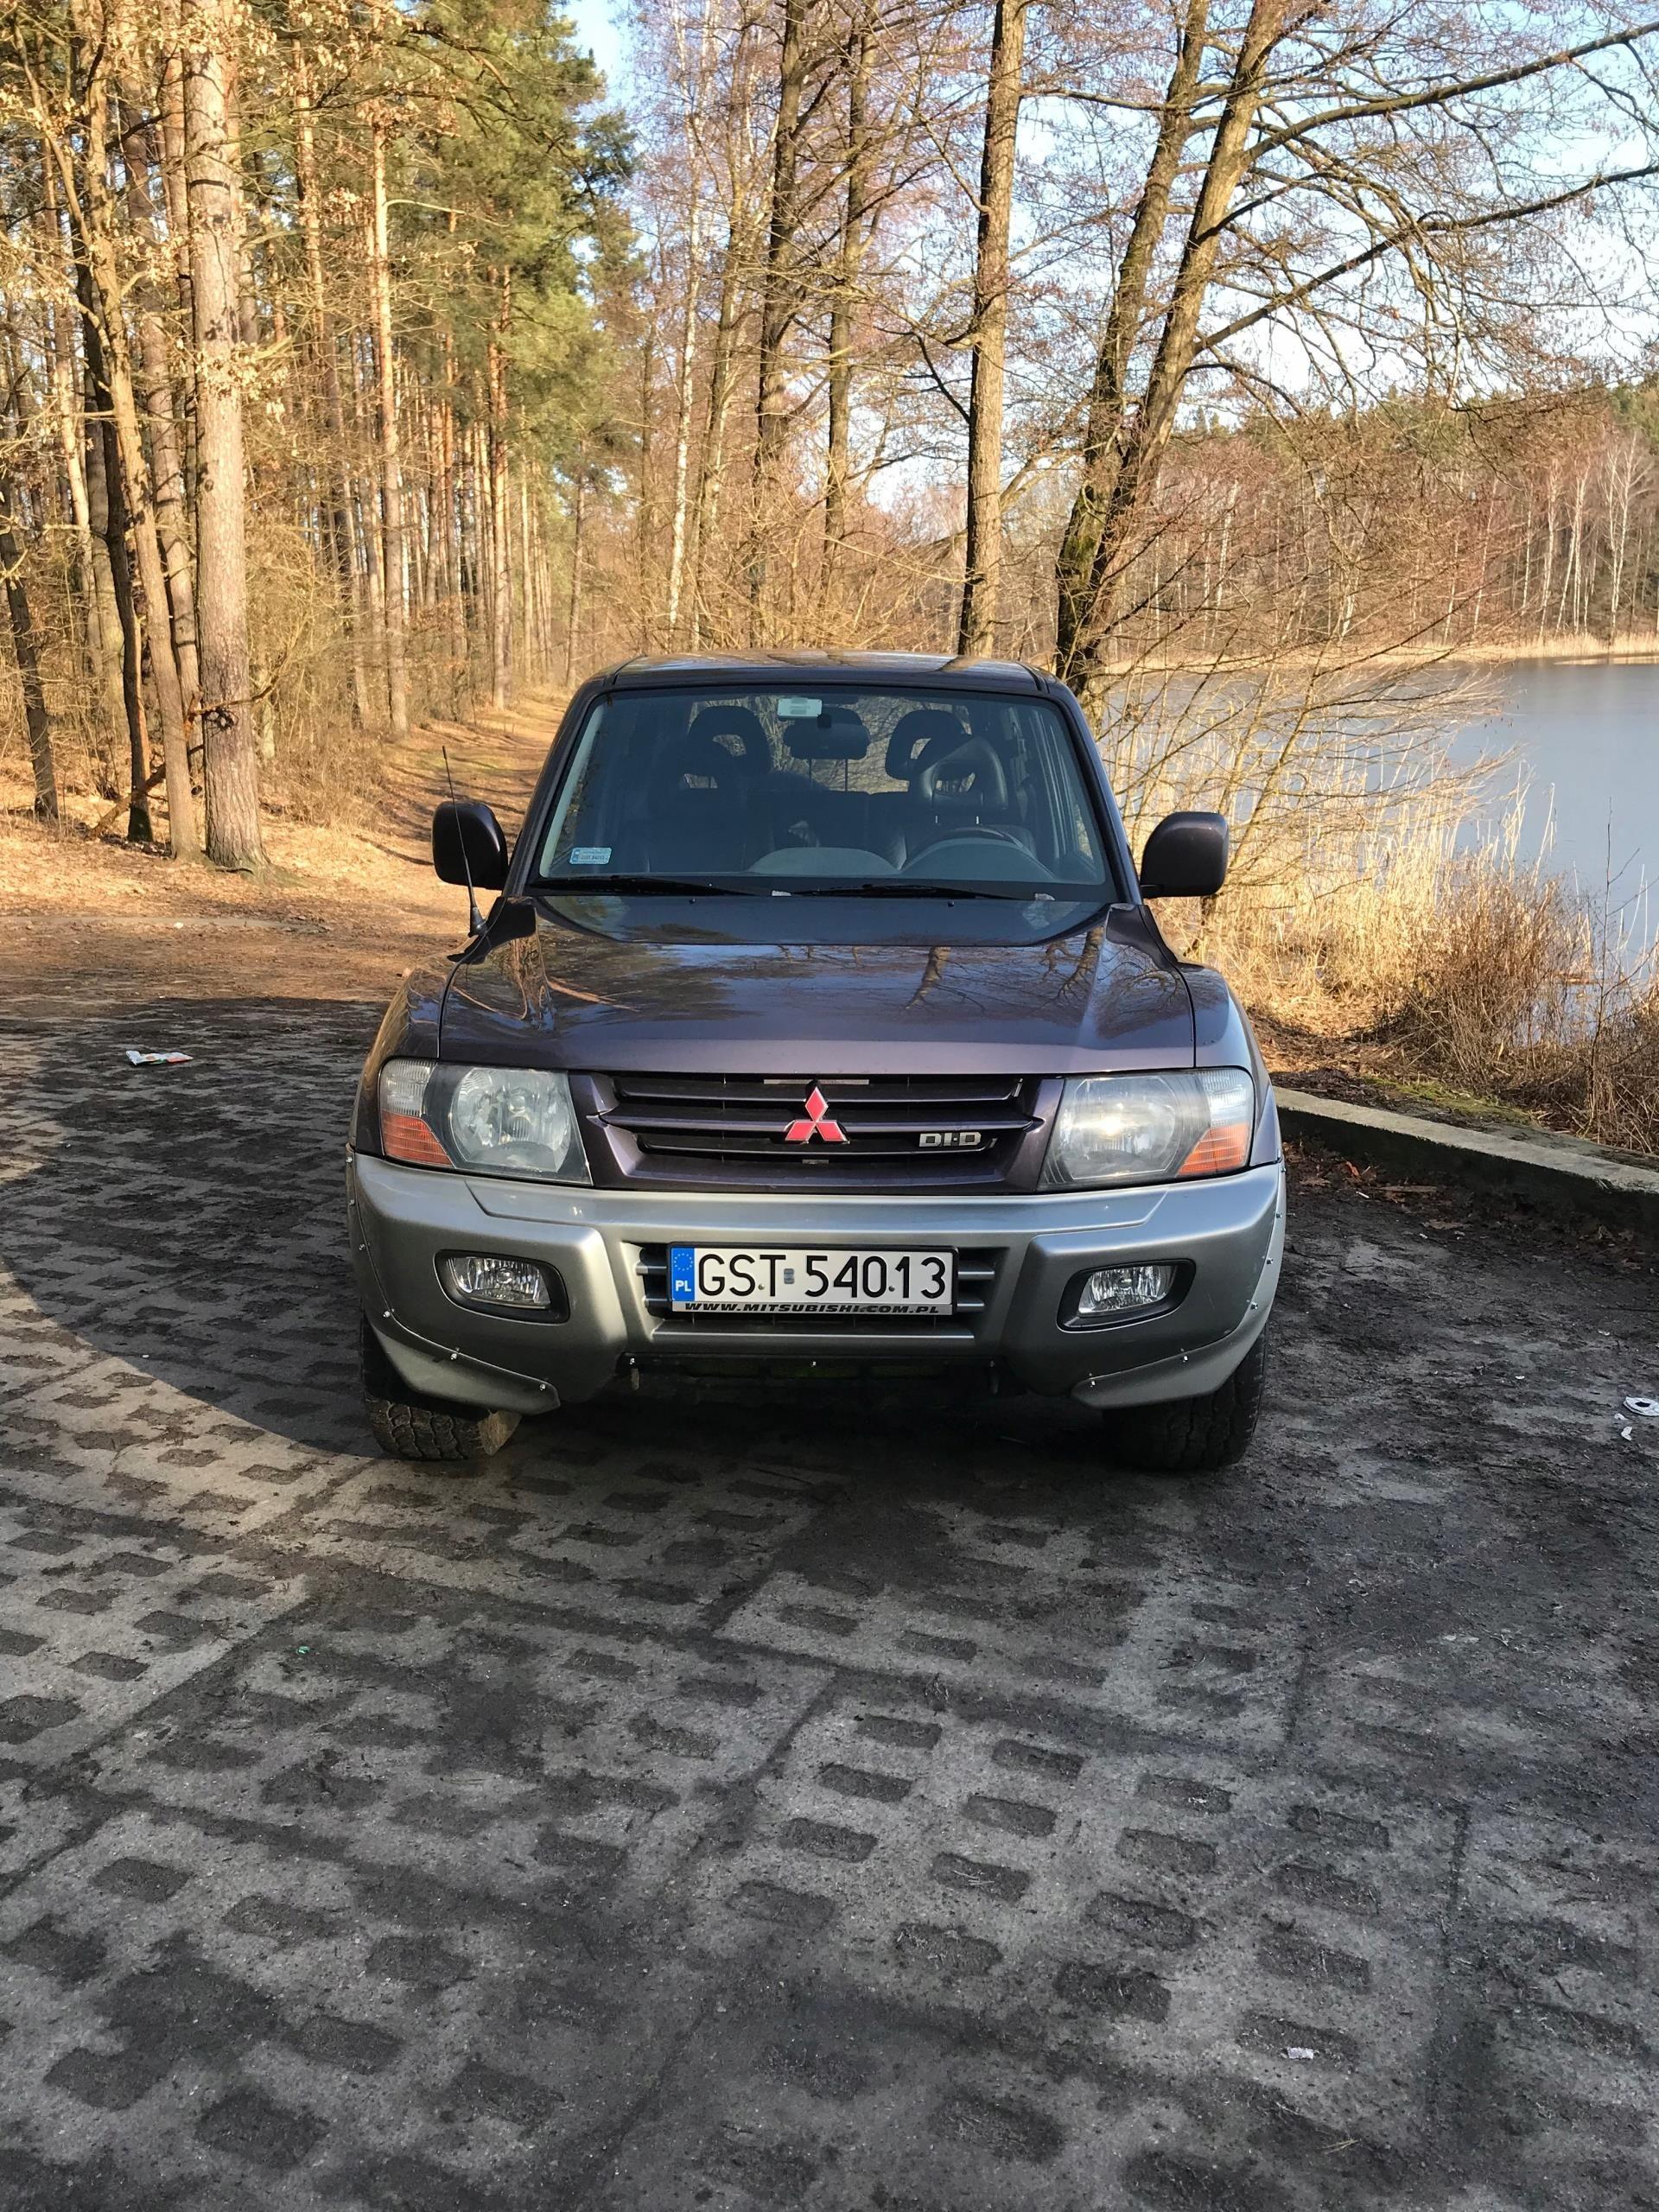 Mitsubishi Pajero III 3 2 DiD - Opinie i ceny na Ceneo pl